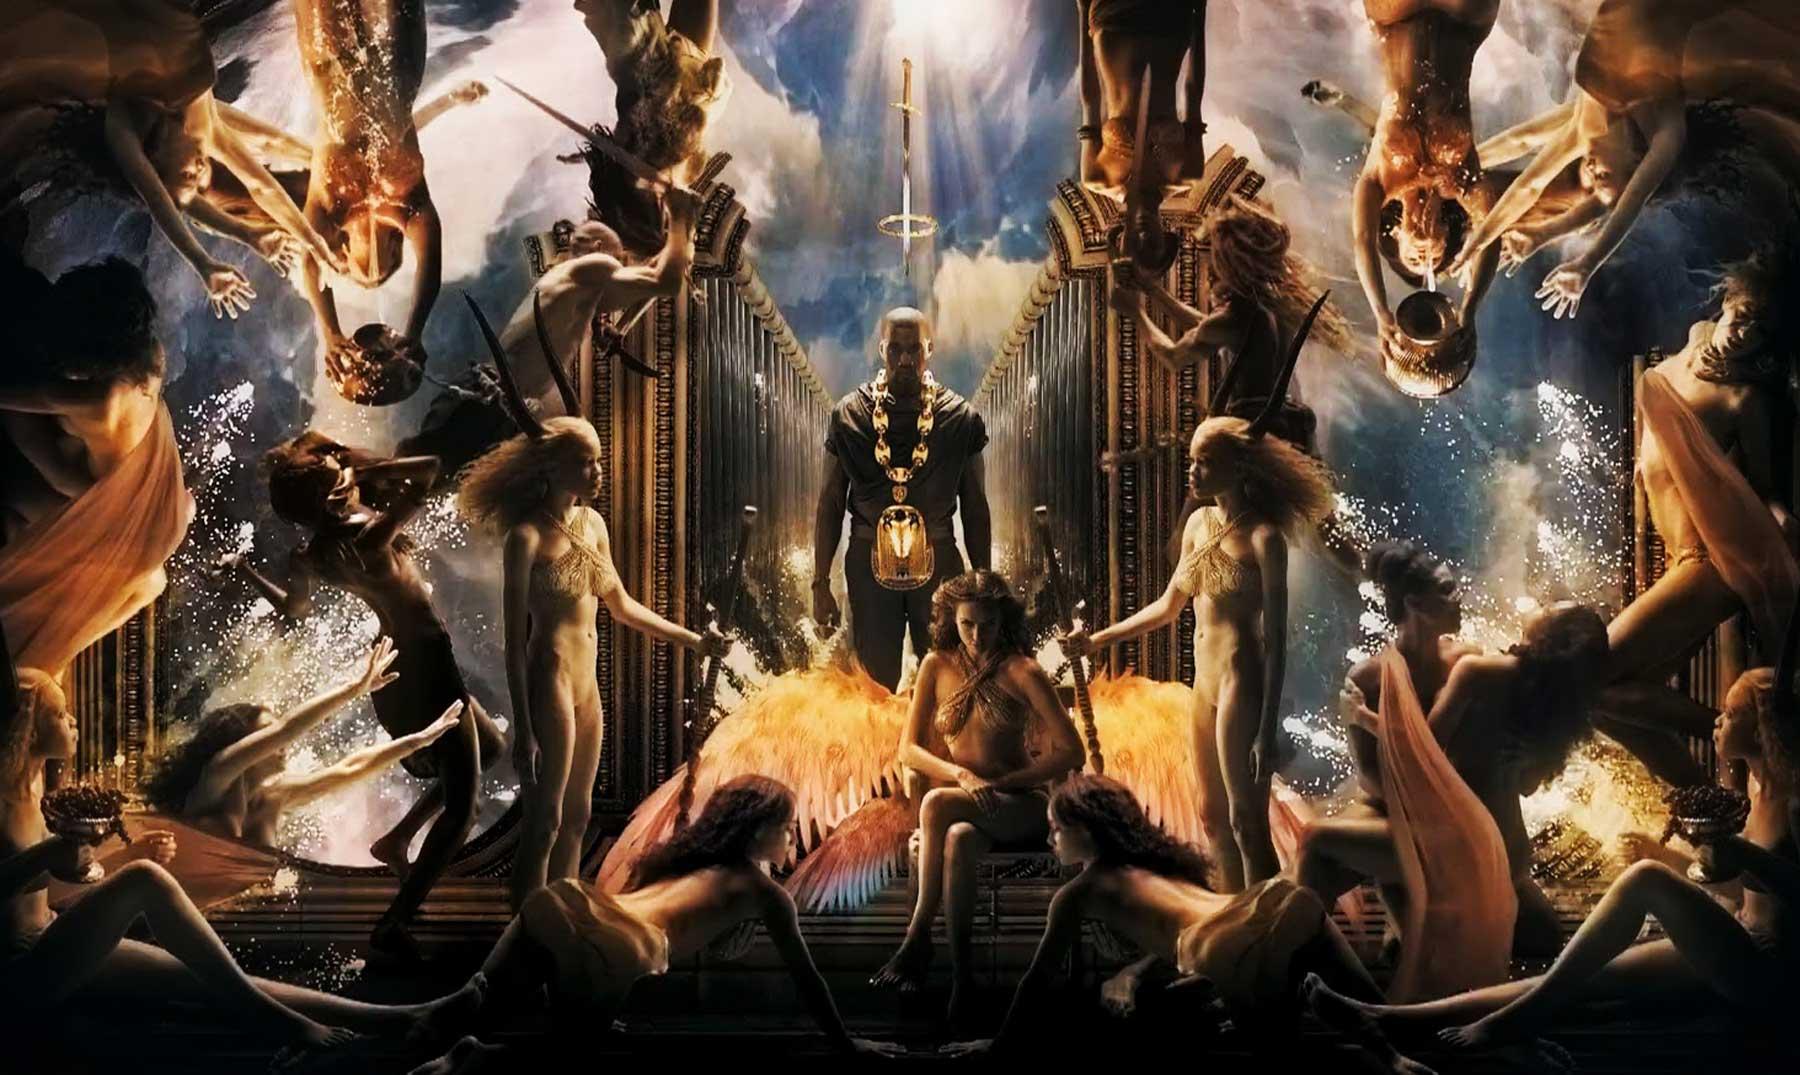 La leyenda de la espada de Damocles